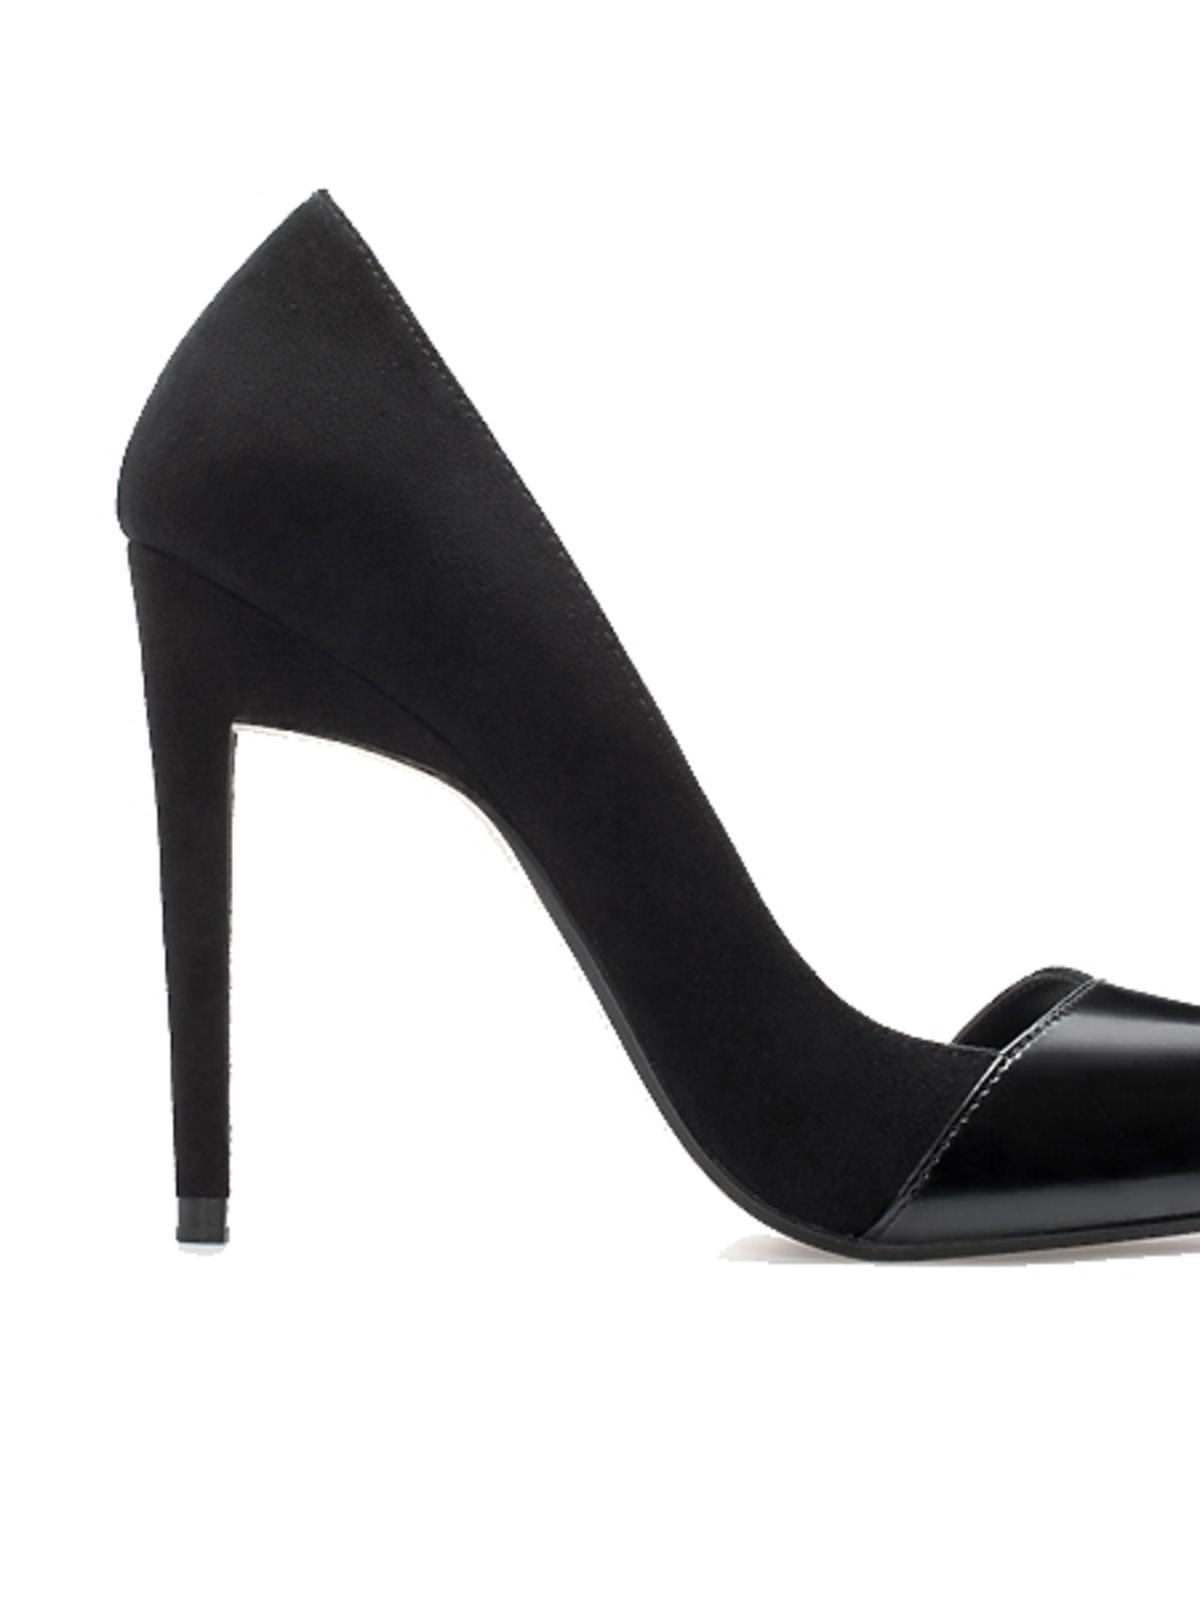 Czarne szpilki Zara, cena